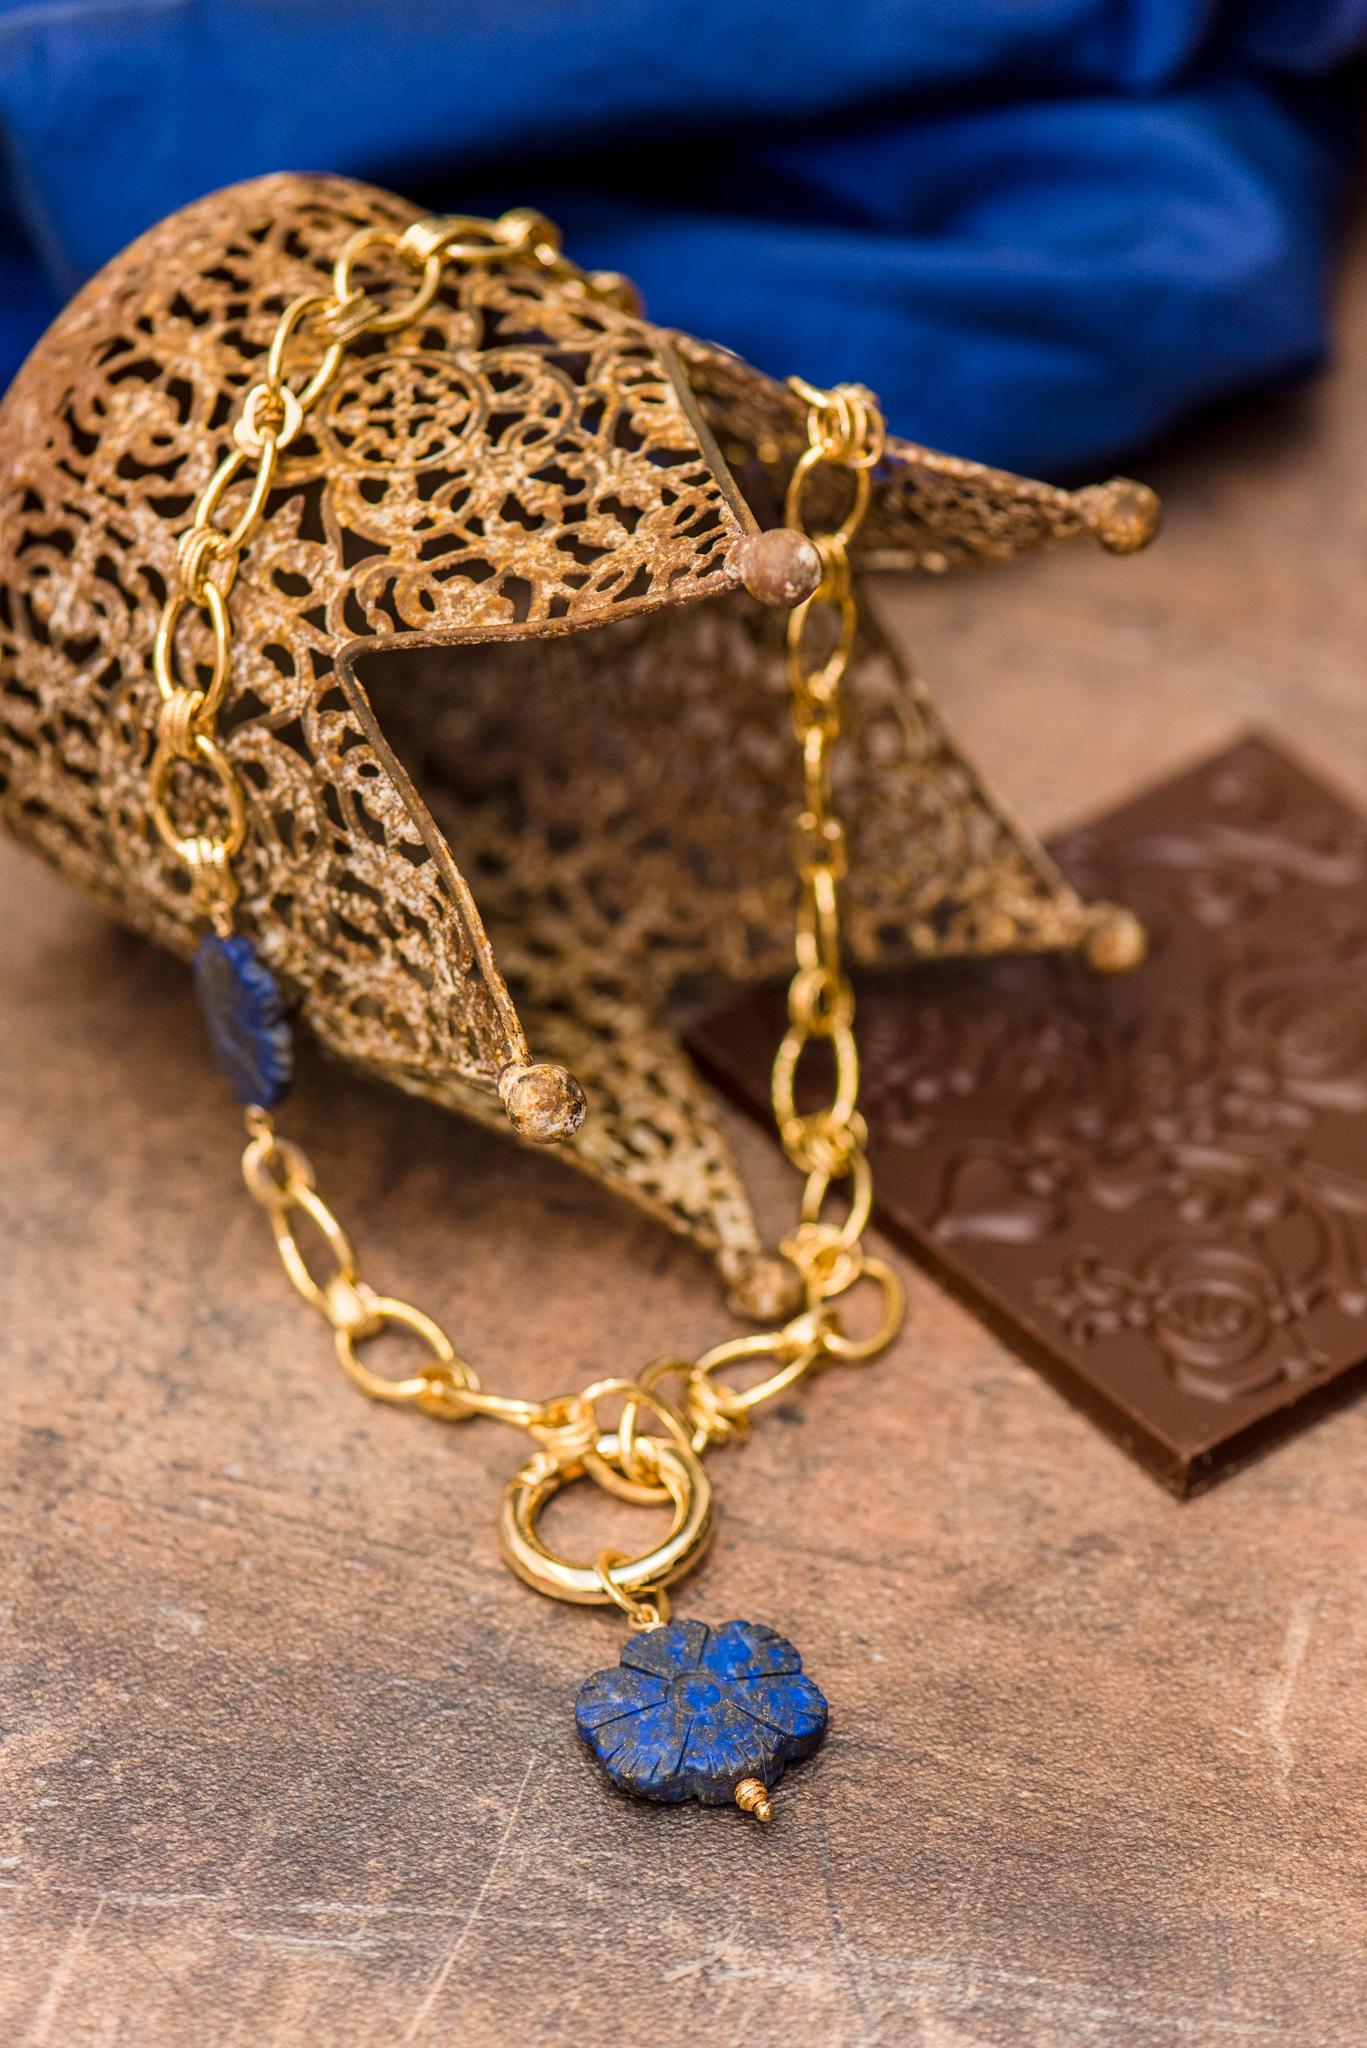 kék virágos szett lápisz lazulikkal harmadik nyaklánc